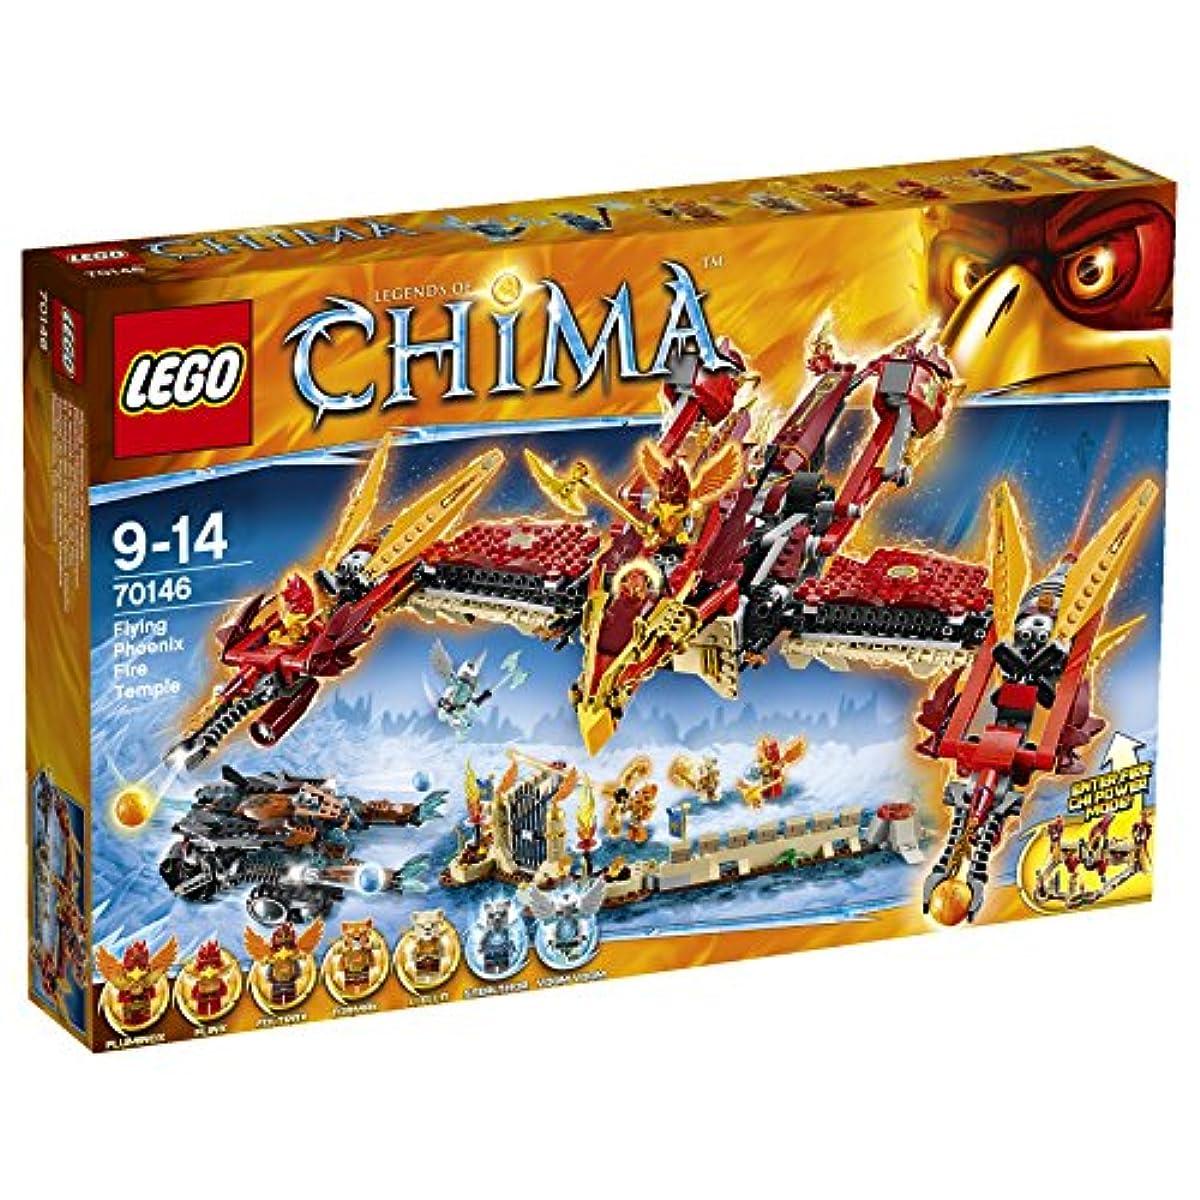 [해외] 레고 (LEGO) 찌마 하늘 나는 파이어 신전 70146-70146 (2014-07-04)